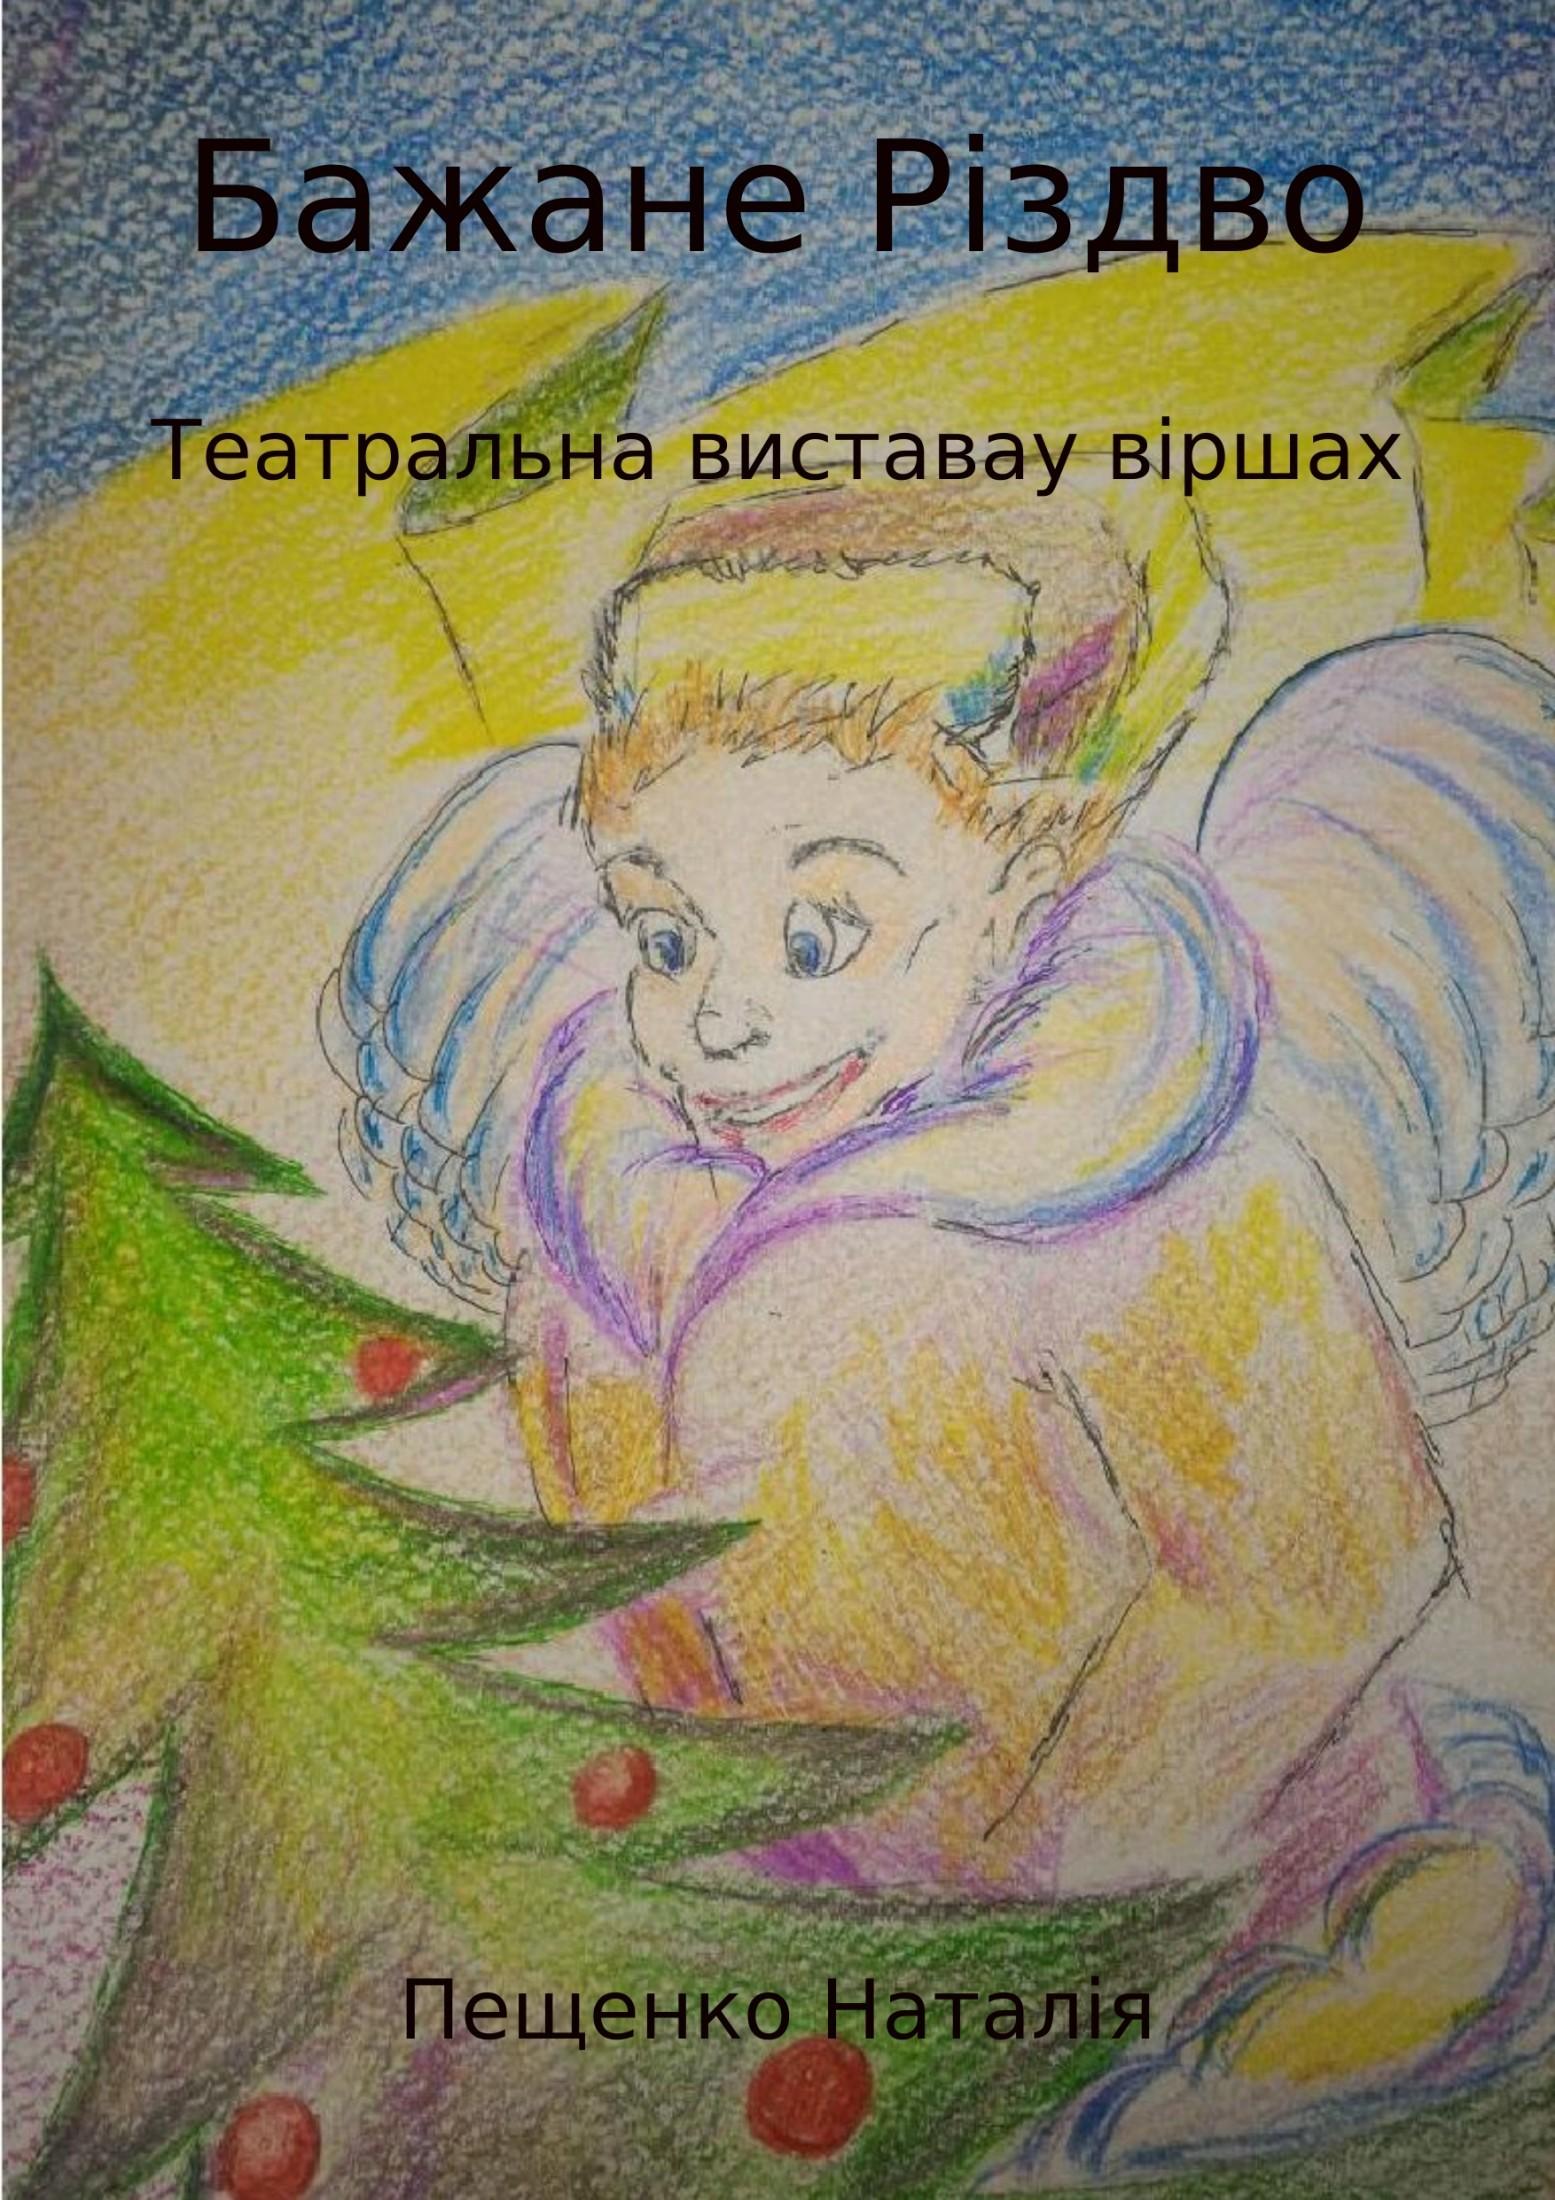 Наталия Валериевна Пащенко Бажане Рiздво володимир верховень чудо азбука у віршах вчимося читати з казковими героями